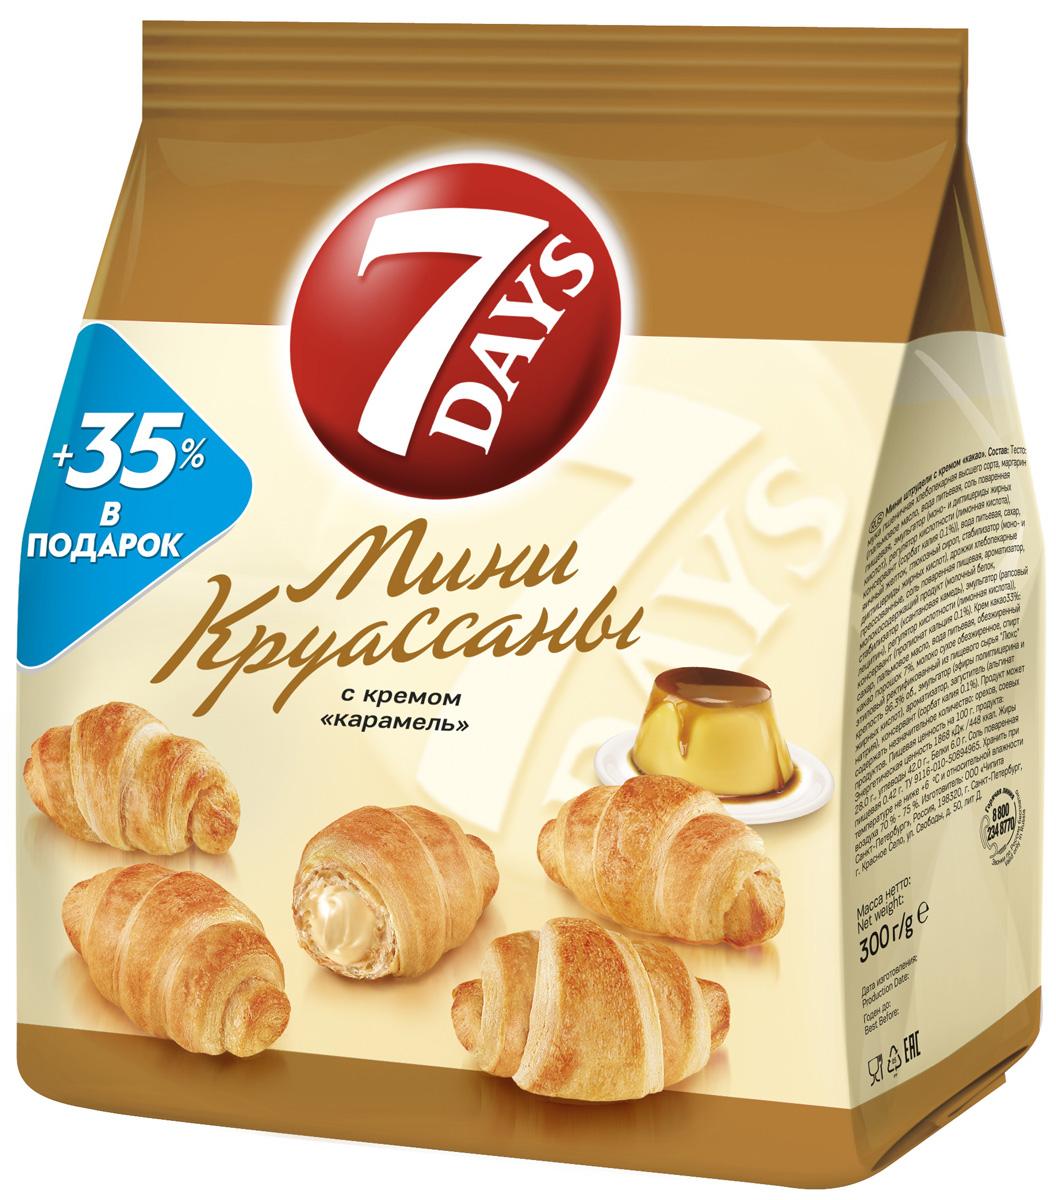 7DAYS Мини-круассаны с кремом Карамель, 300 г 7days рулет бисквитный с кремом со вкусом капучино 300 г